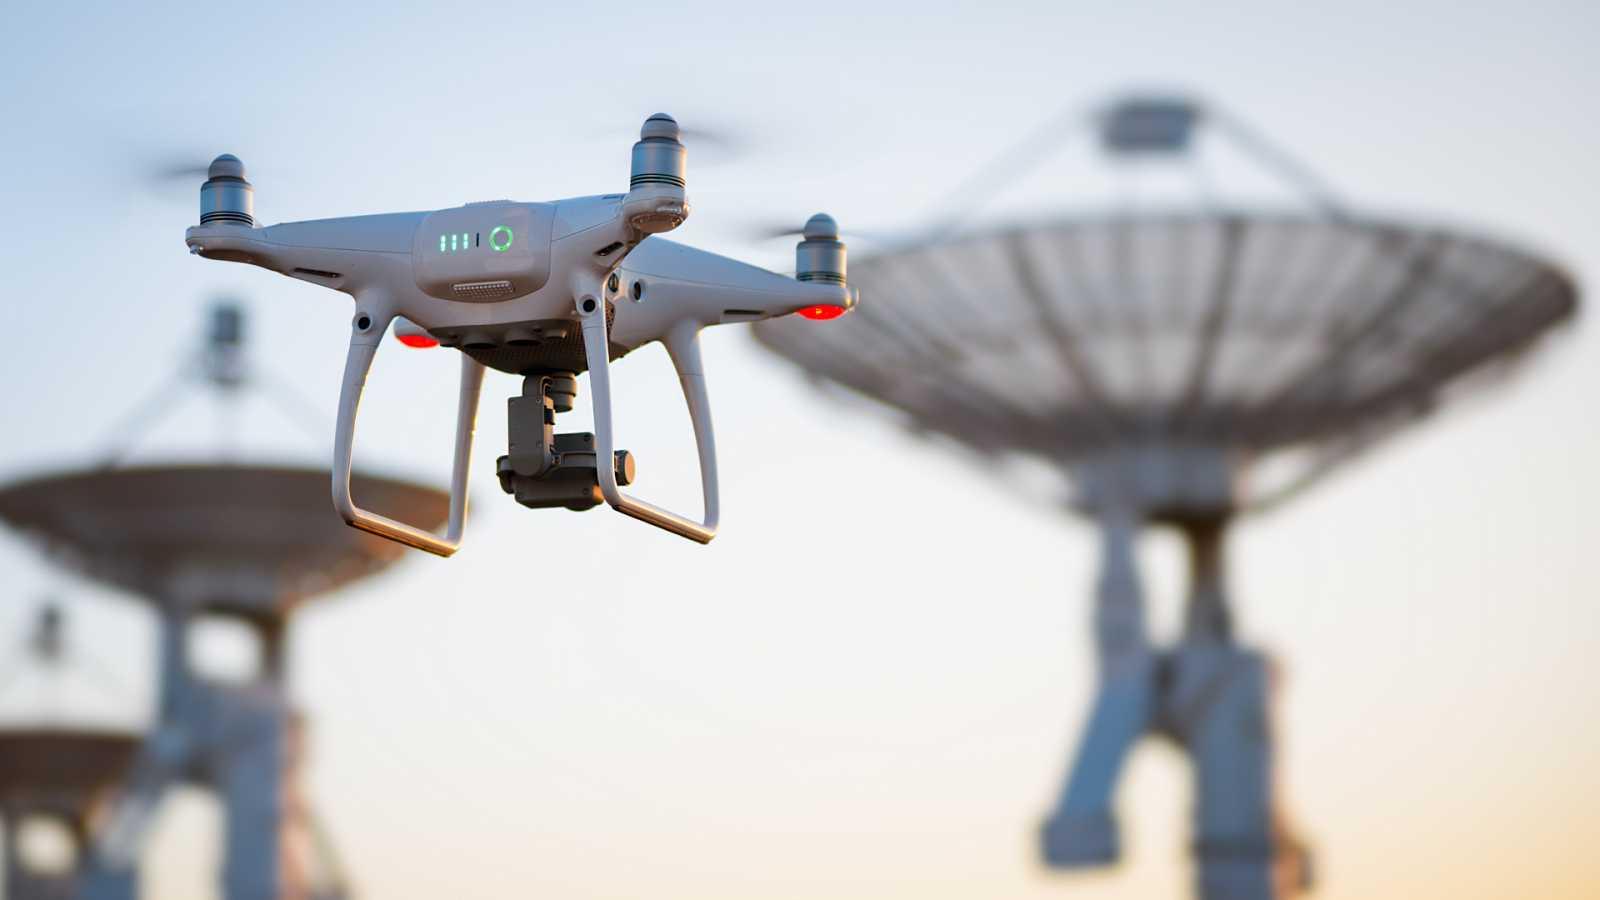 La Mañana - Drones: te contamos todo acerca de su uso y normativa